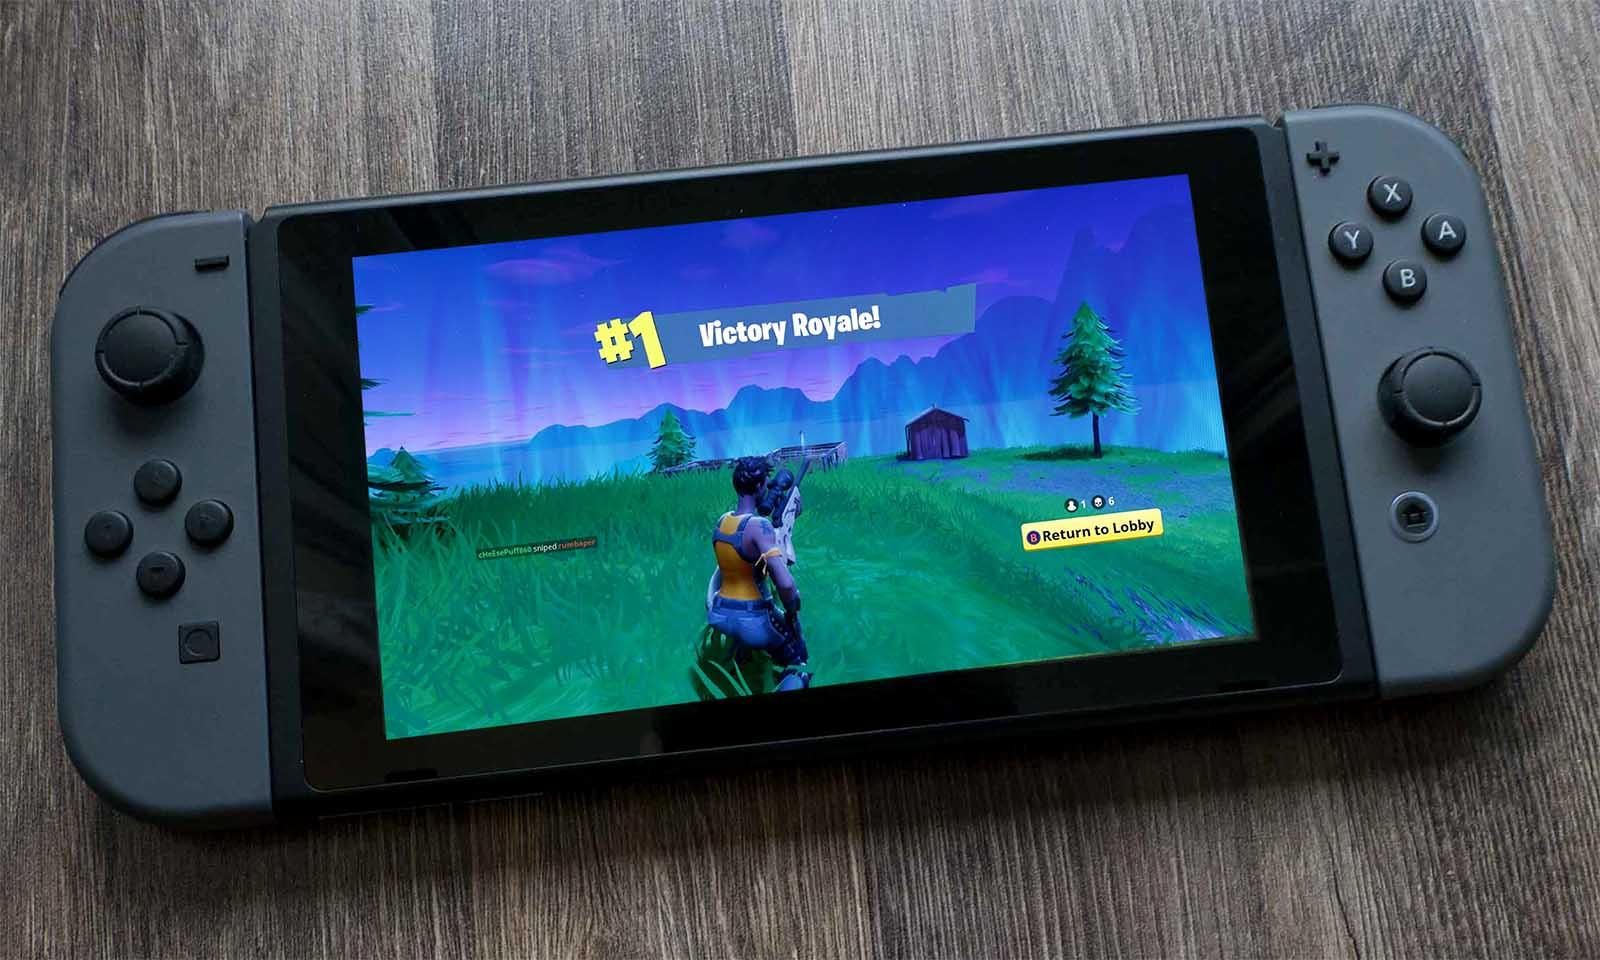 Non haberá que pagar para xogar a Fortnite en Nintendo Switch